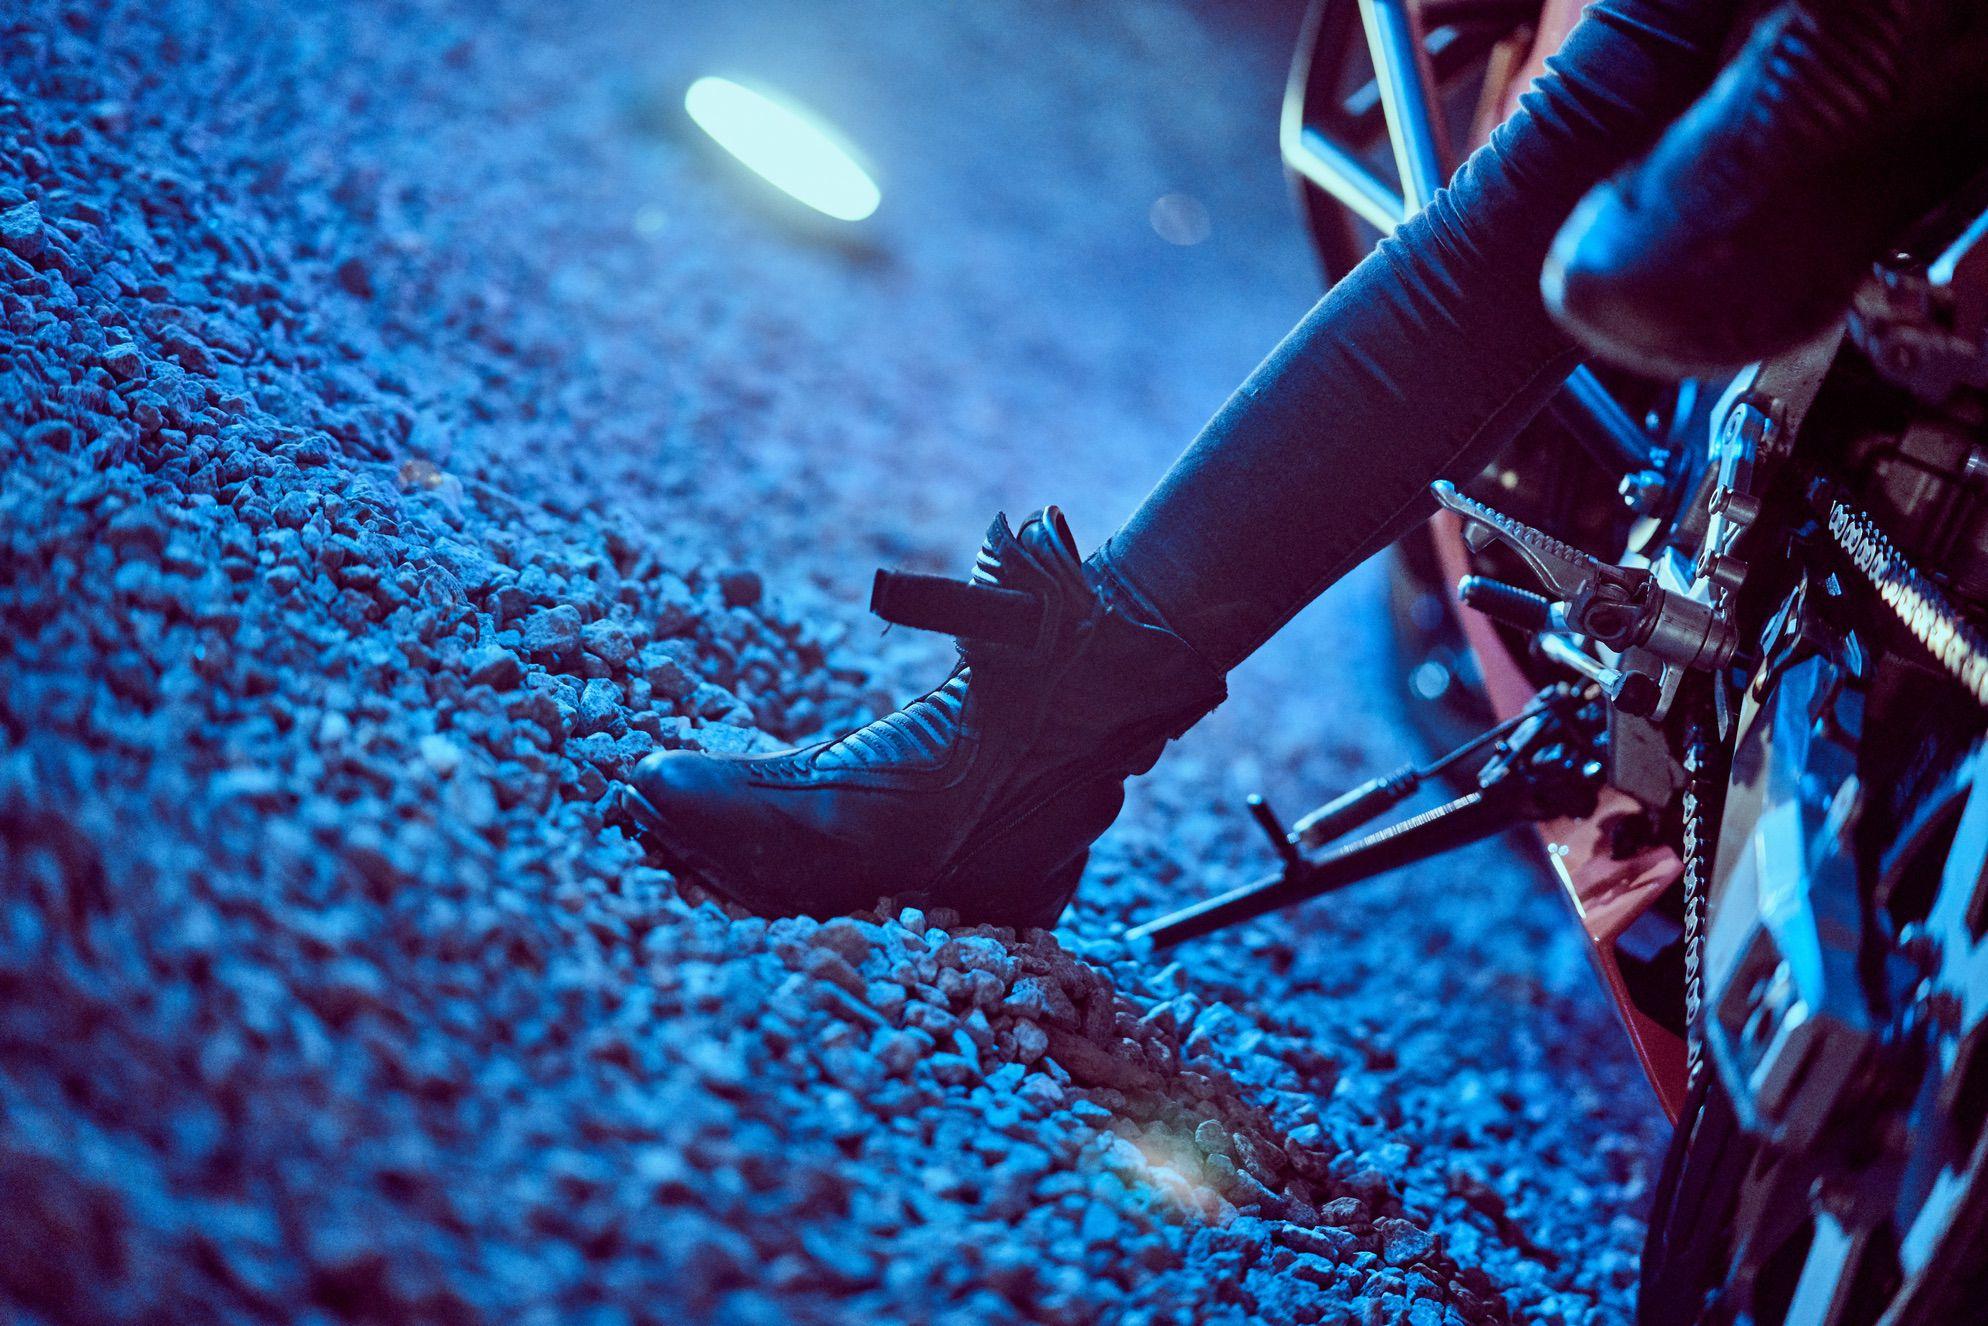 ewa_stunts_icon_merc_azul_session_87